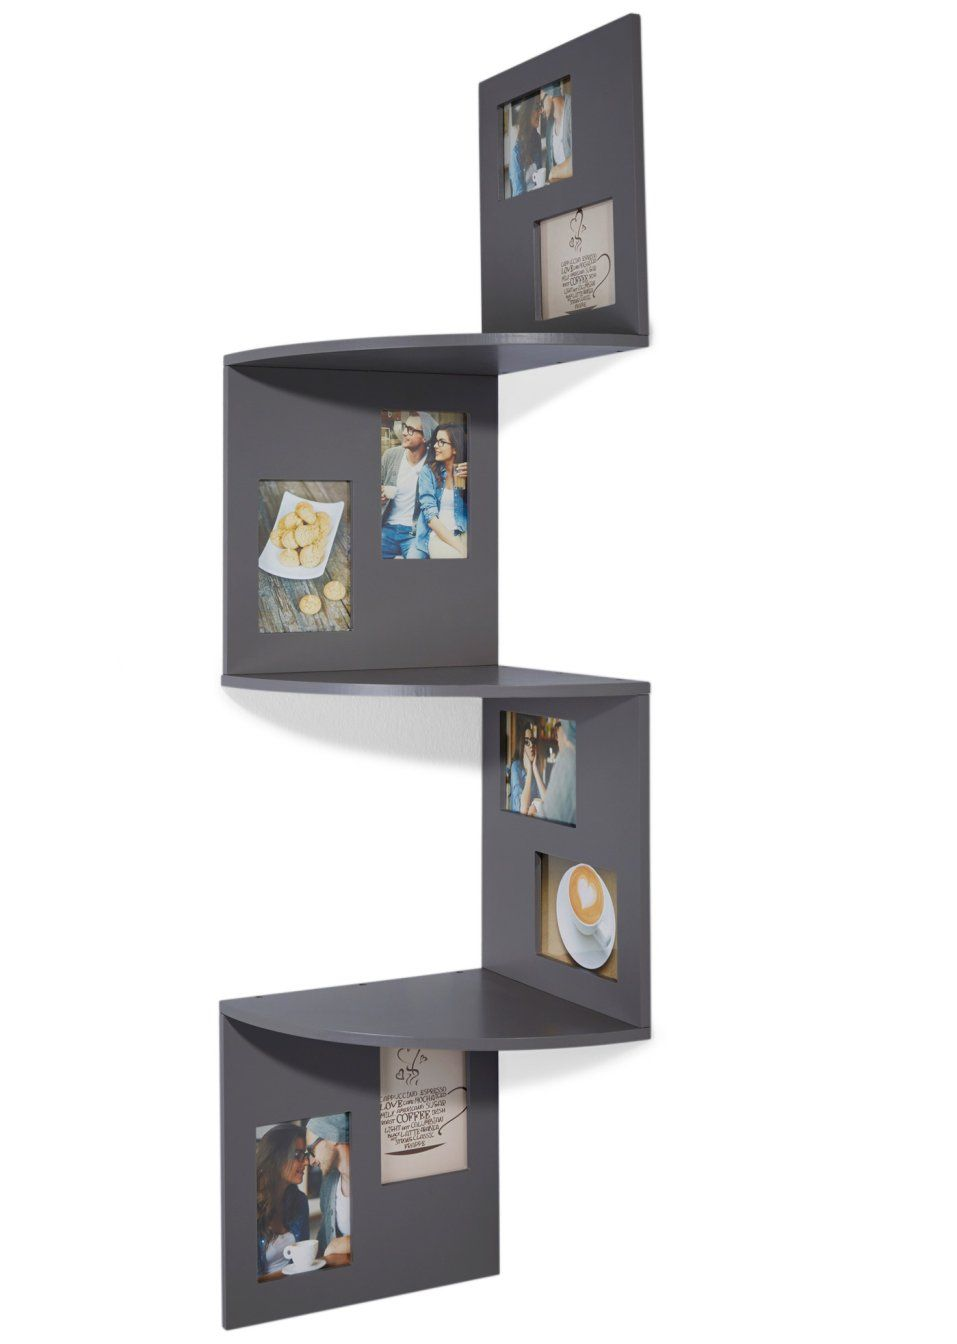 ein dekoratives wohnaccessoire ist das eckregal mit bilderrahmen